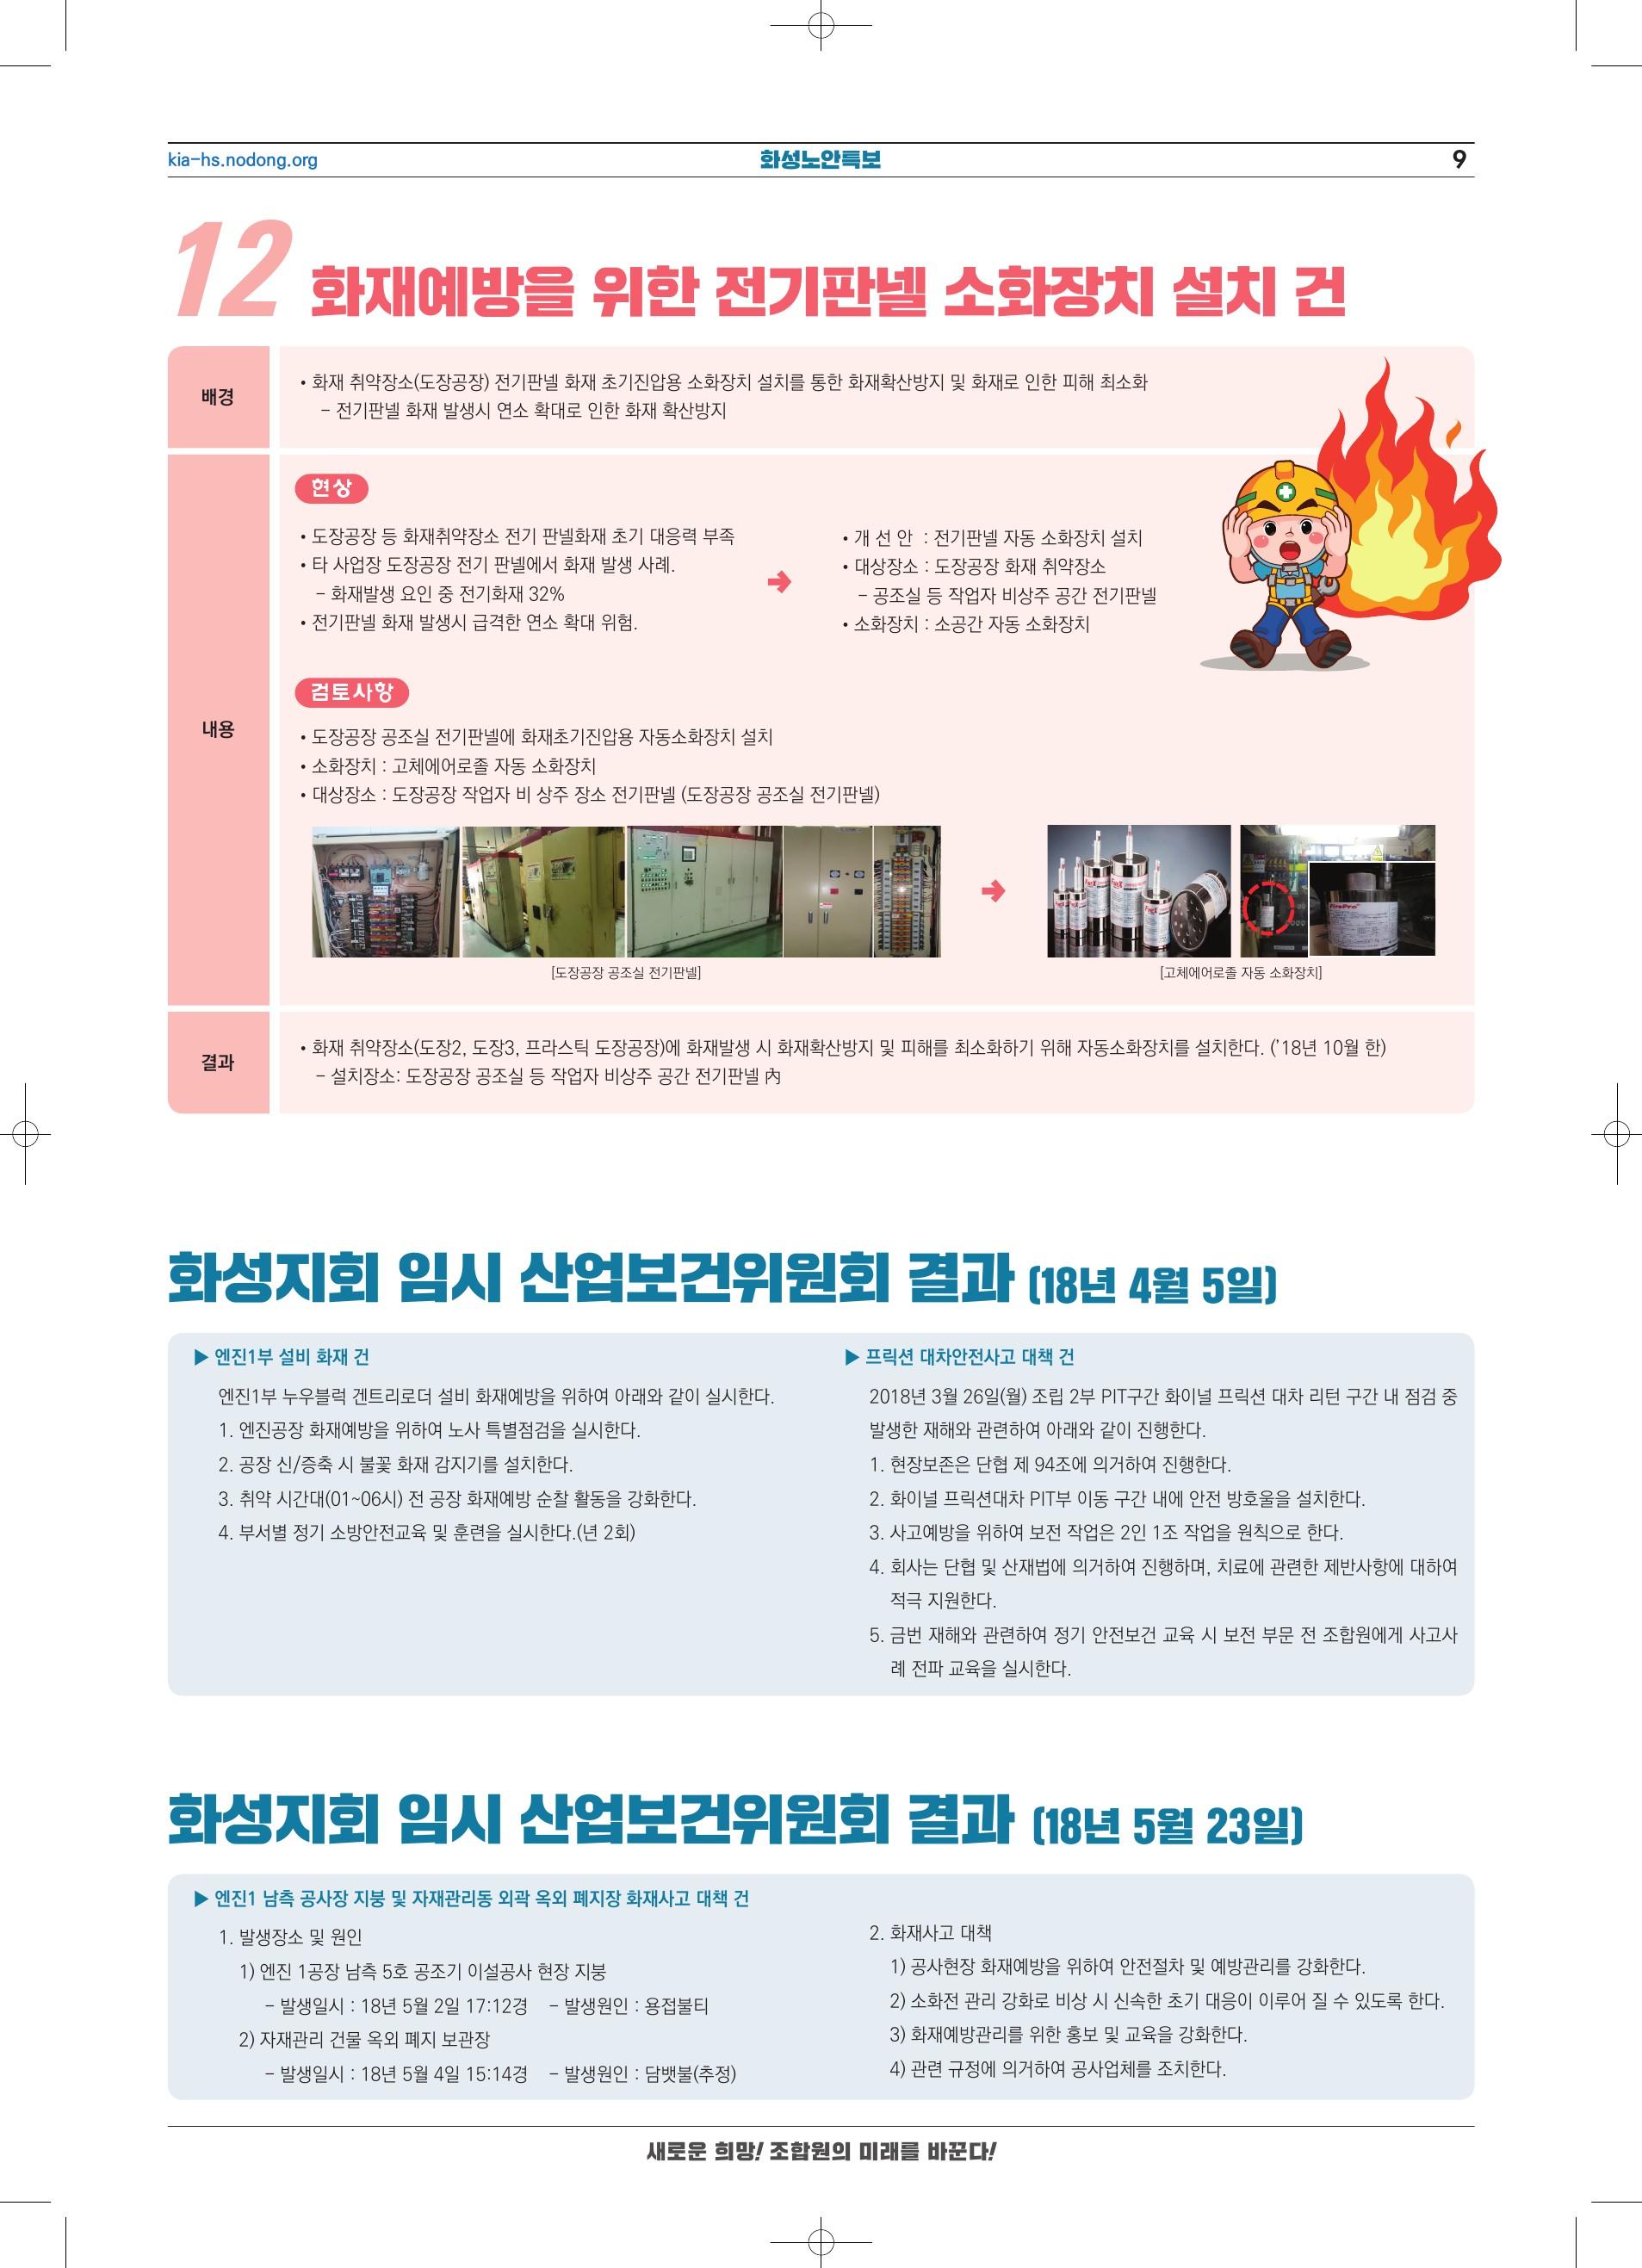 화성노안특보-최종 인쇄-9.jpg